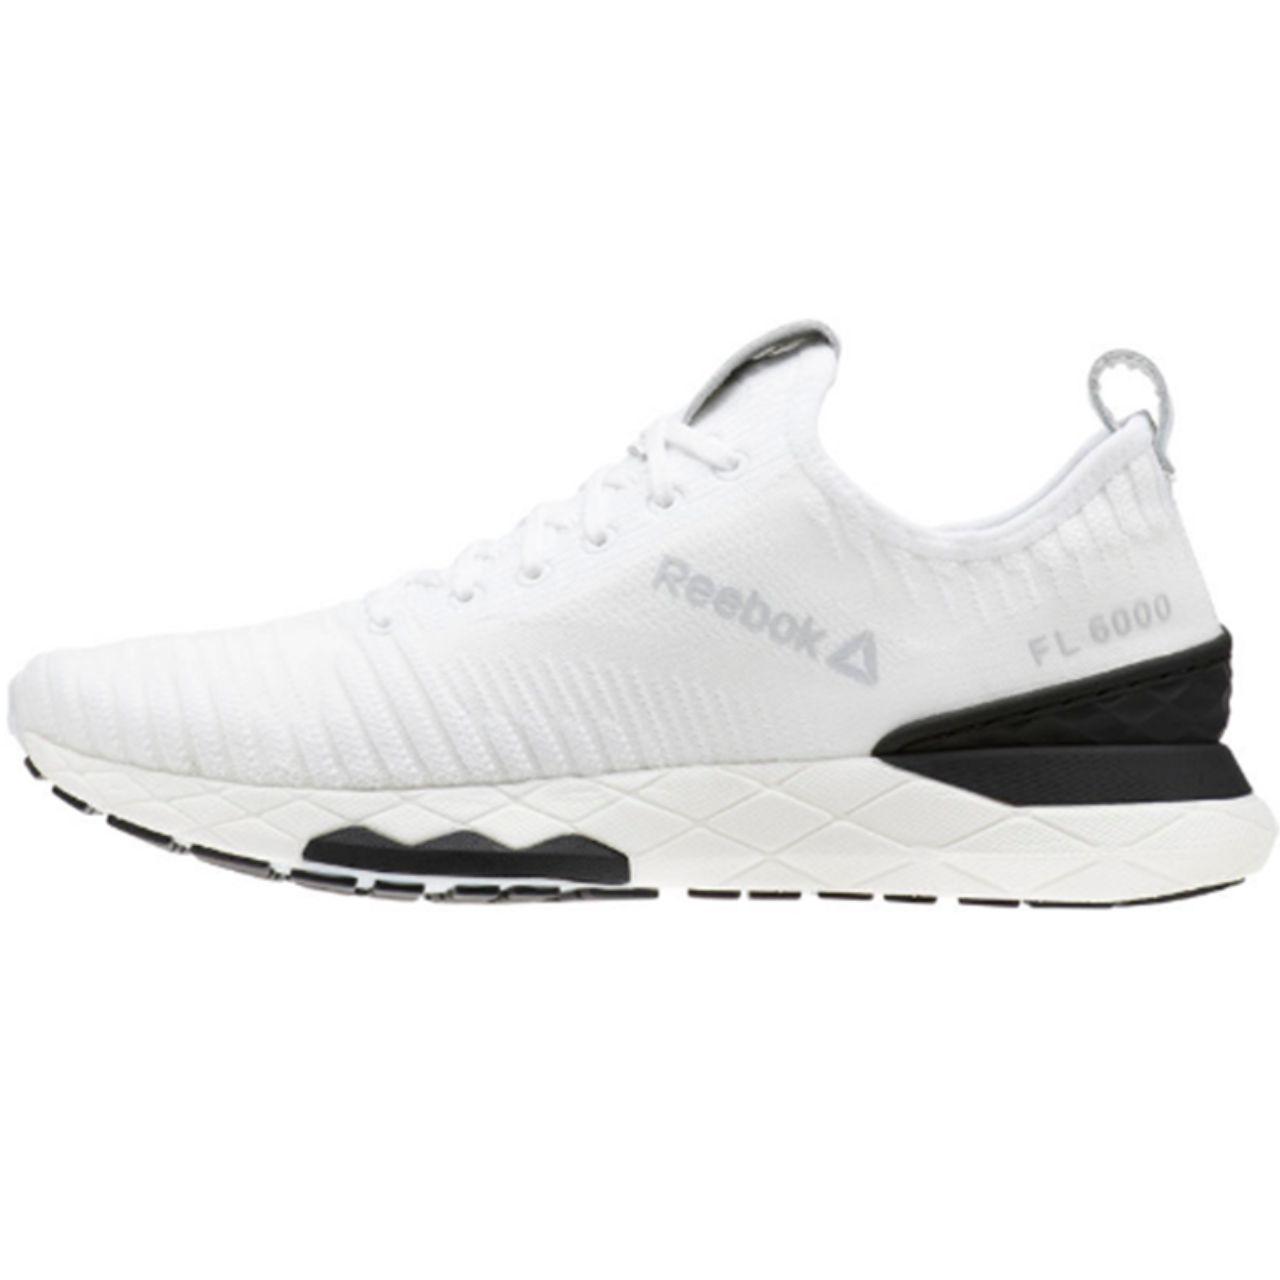 کفش مخصوص دویدن مردانه ریباک مدل Floatride 6000